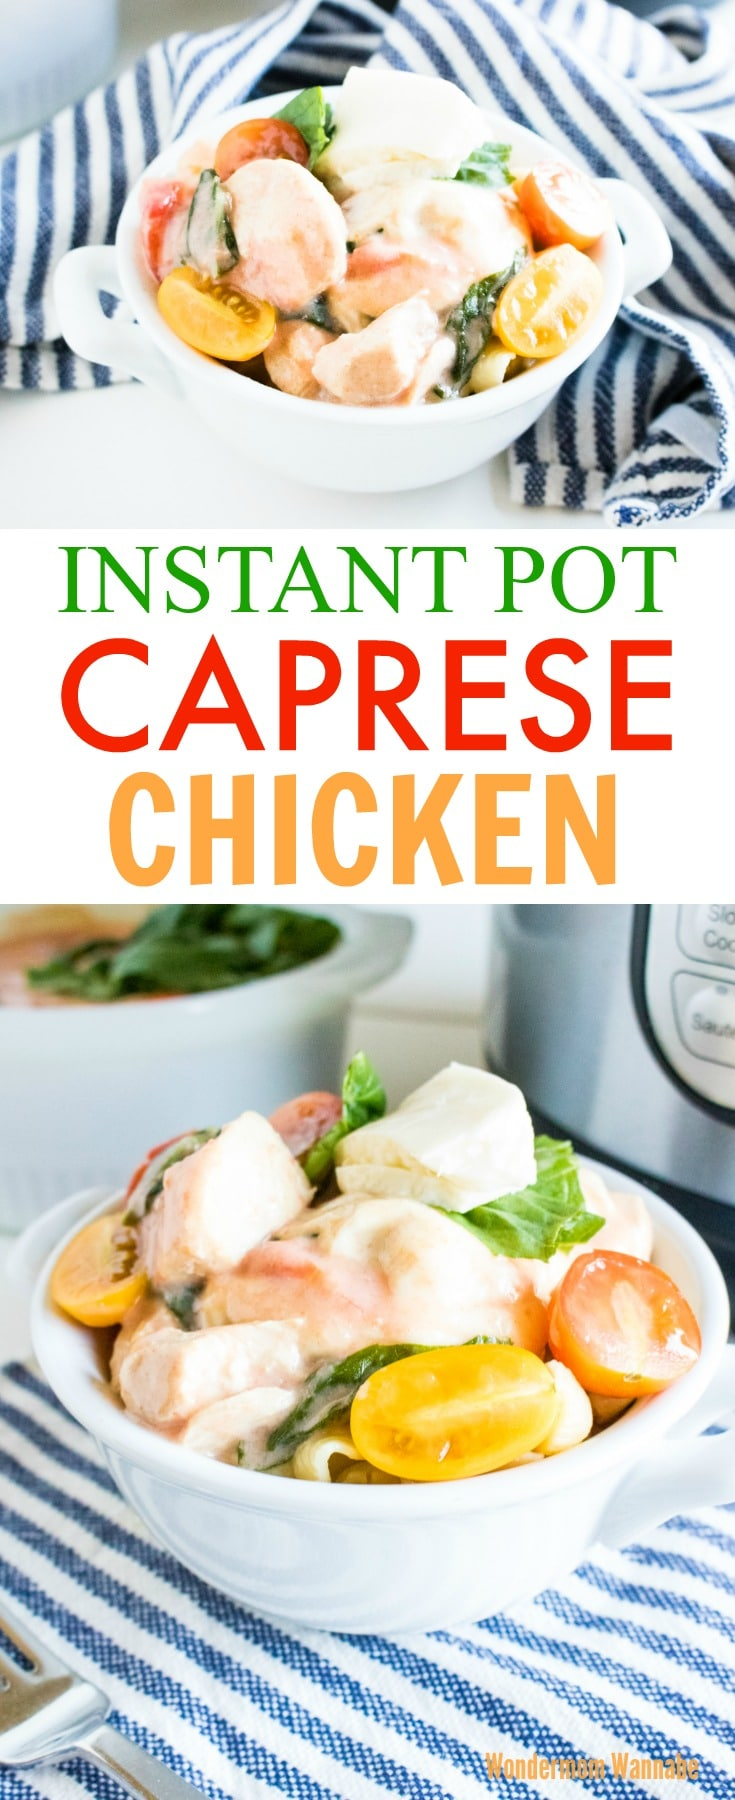 Instant Pot Caprese Chicken